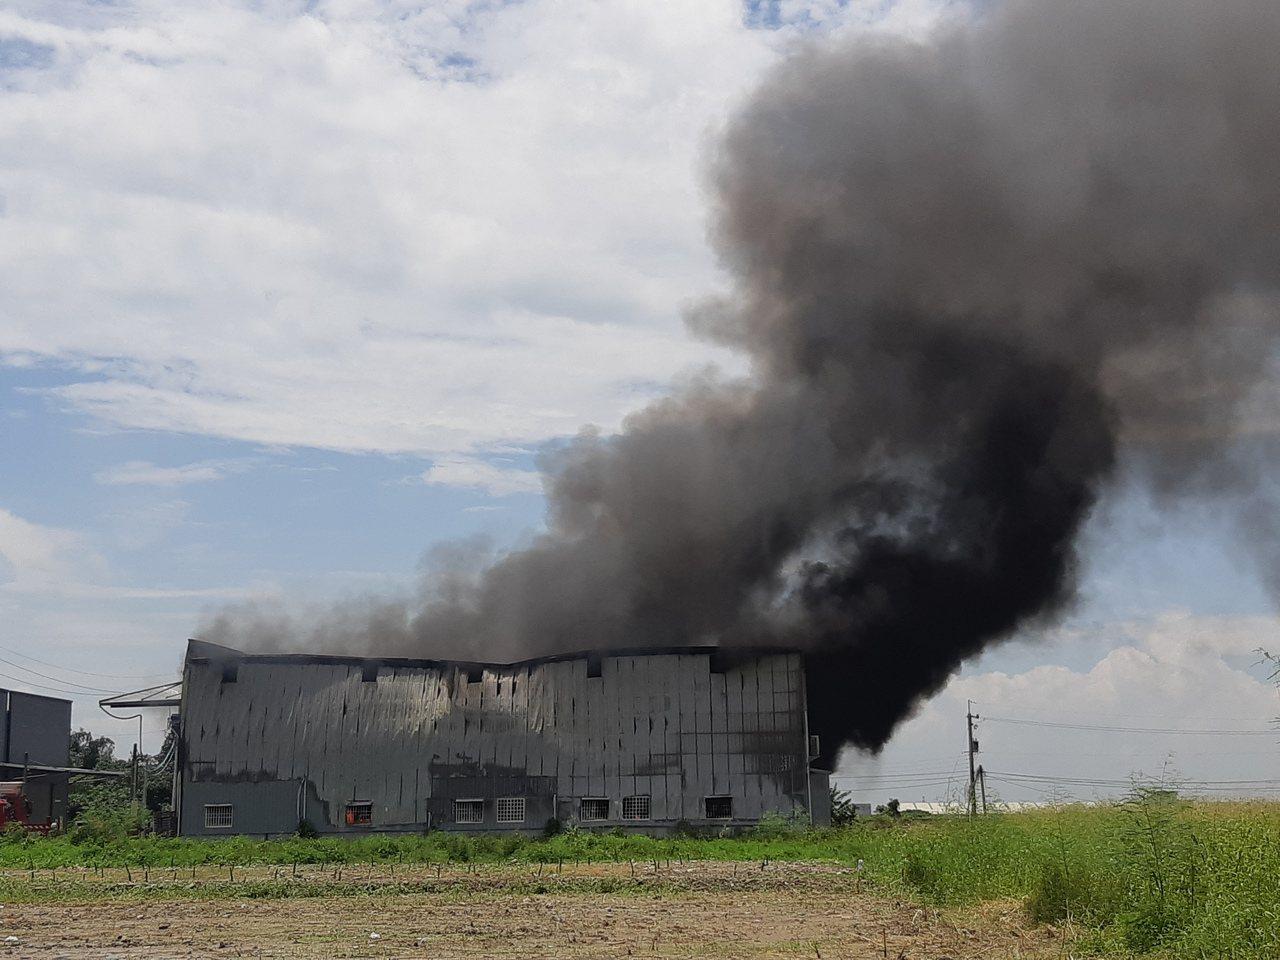 高雄市燕巢去中安路一間鐵皮工廠起火,1名工人灼傷送醫。記者賴郁薇/攝影